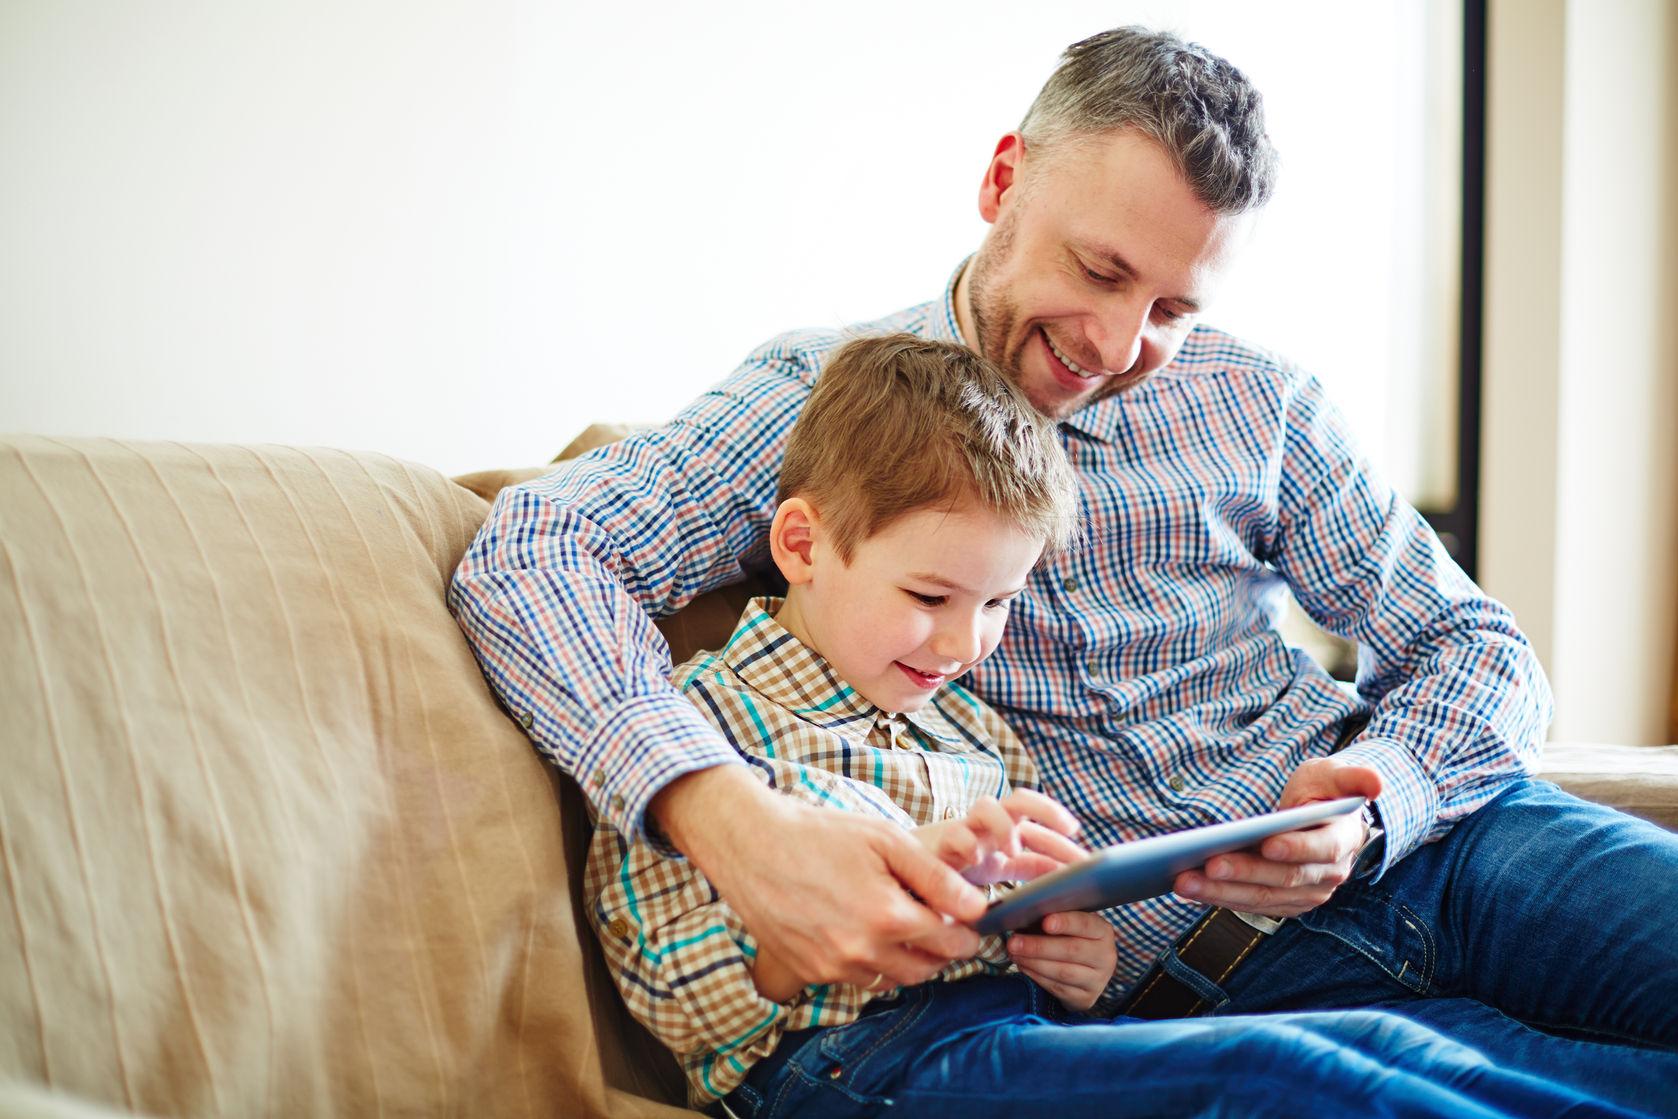 Los hijos de padres como un mejor nivel ilustrativo tienen dietas más geniales para una buena salud, según un estudio